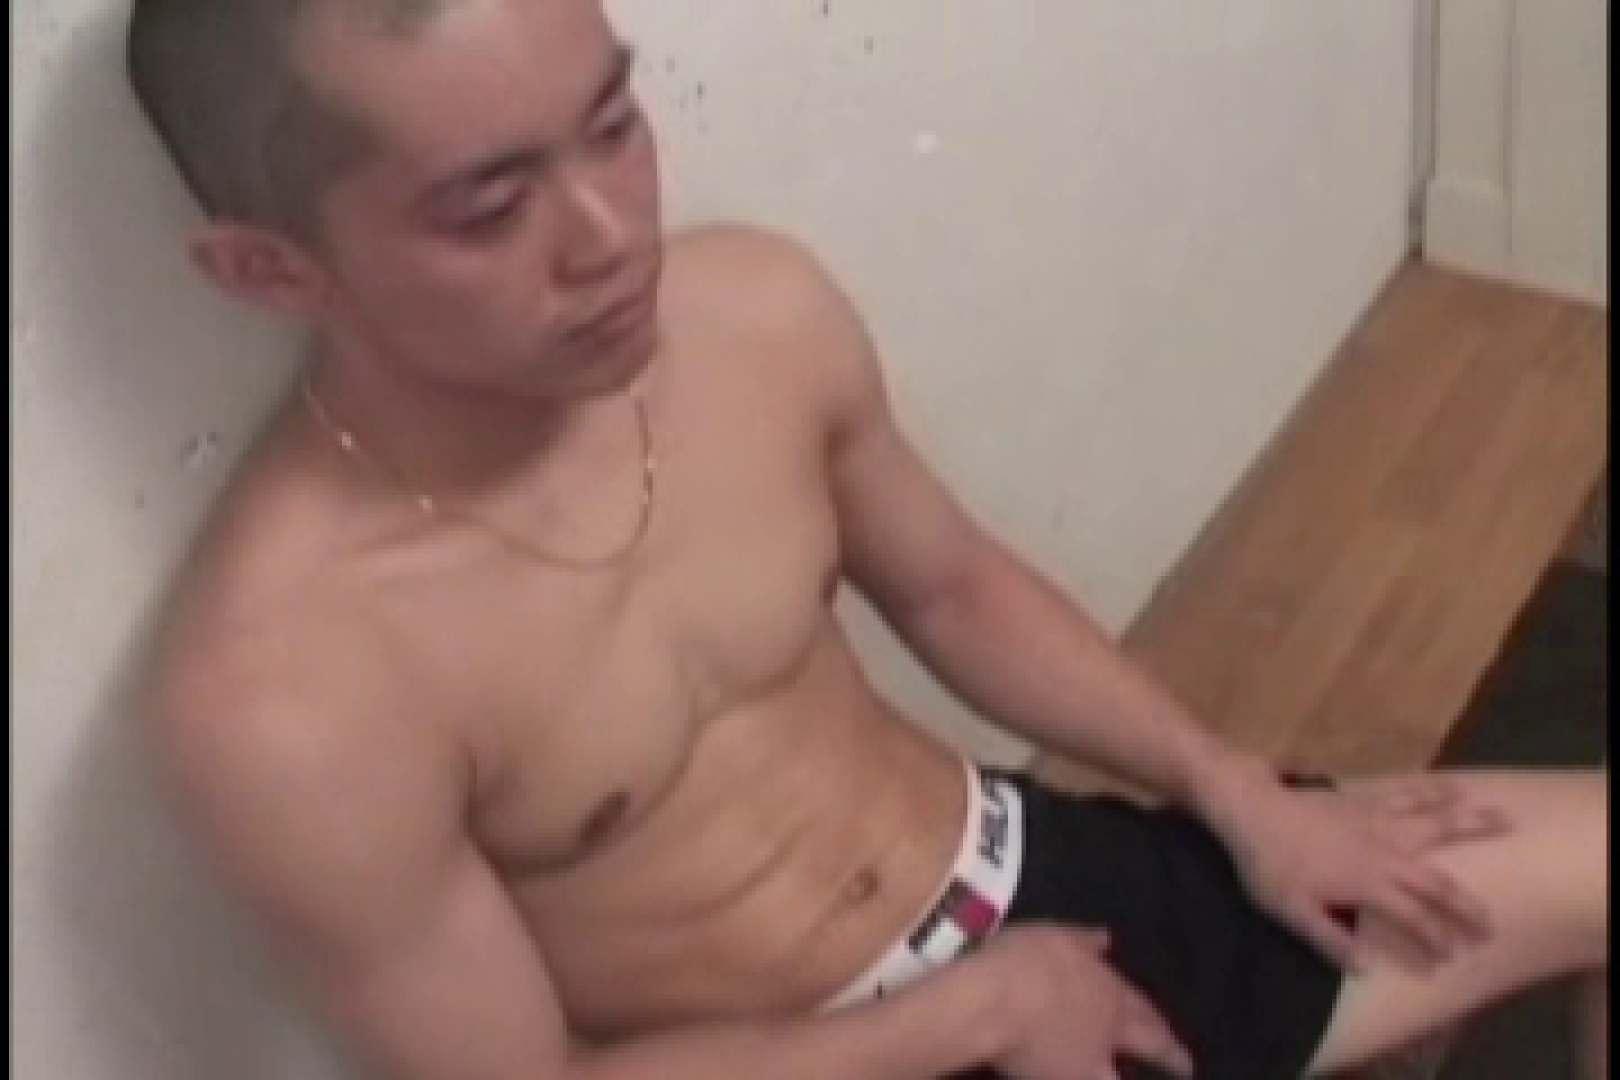 スリ筋!!スポメンのDANKON最高!!take.02 フェラ ゲイ素人エロ画像 90枚 2